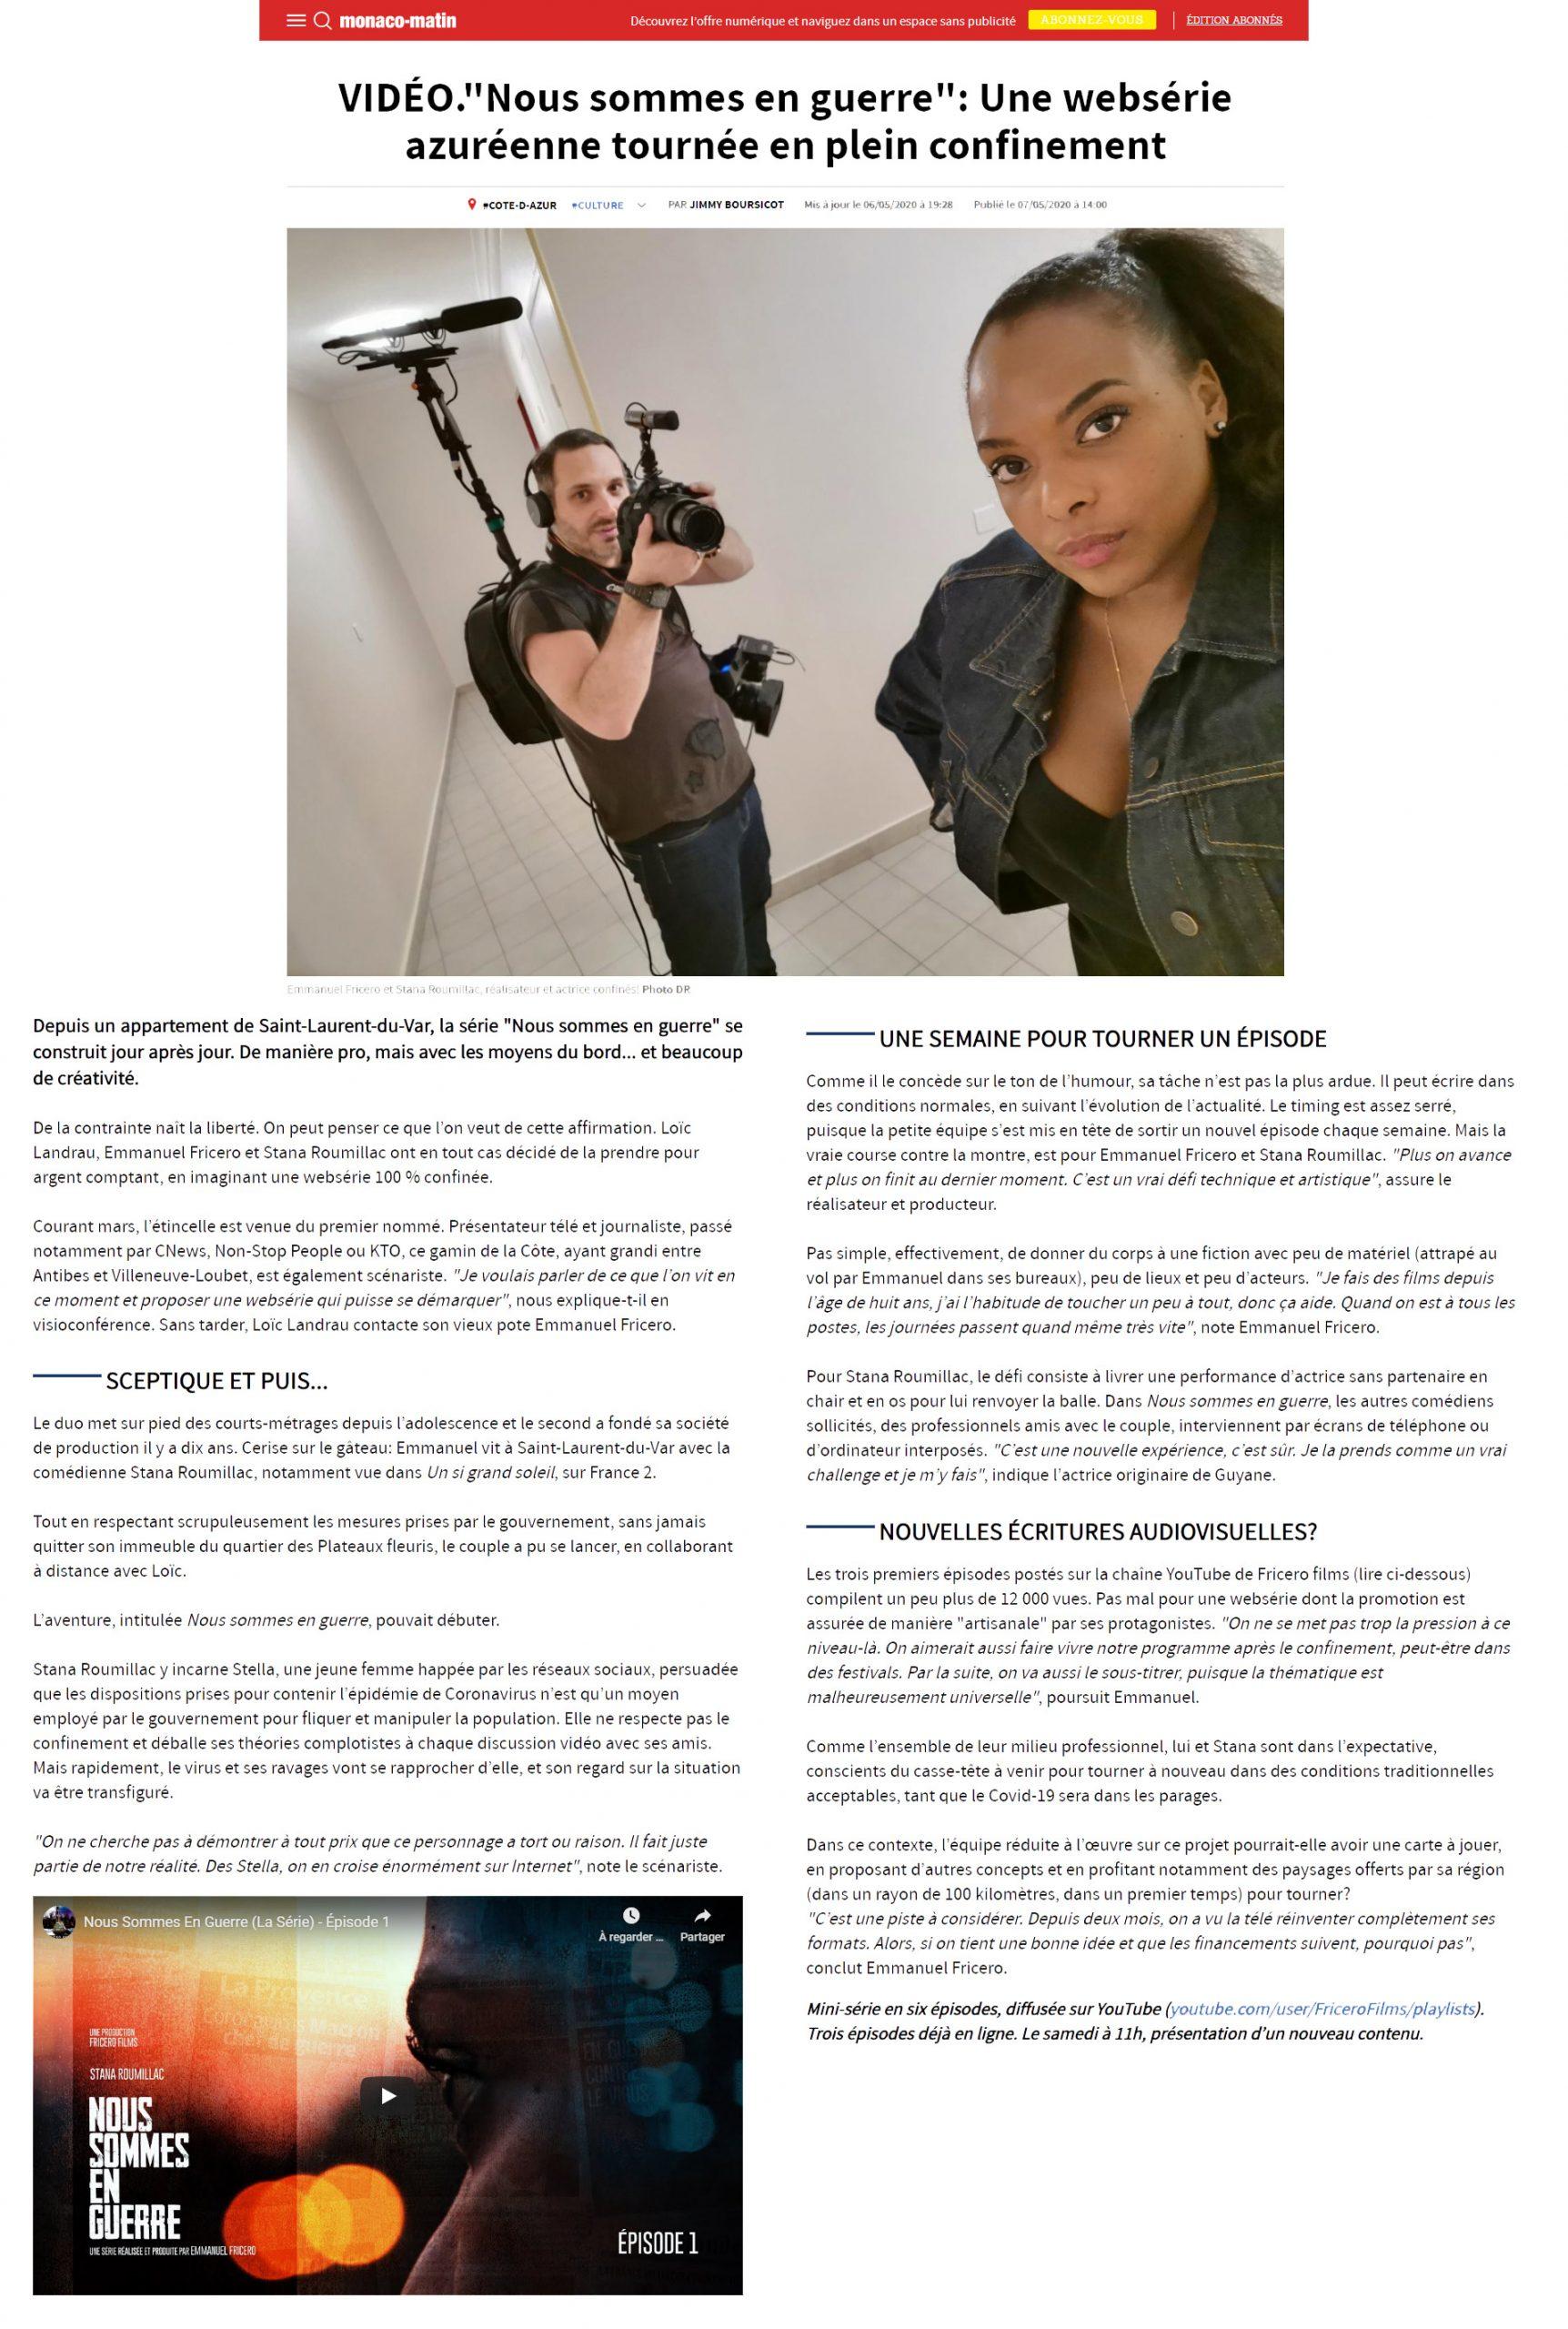 """Monaco-Matin - """"Nous sommes en guerre"""": Une websérie azuréenne tournée en plein confinement"""